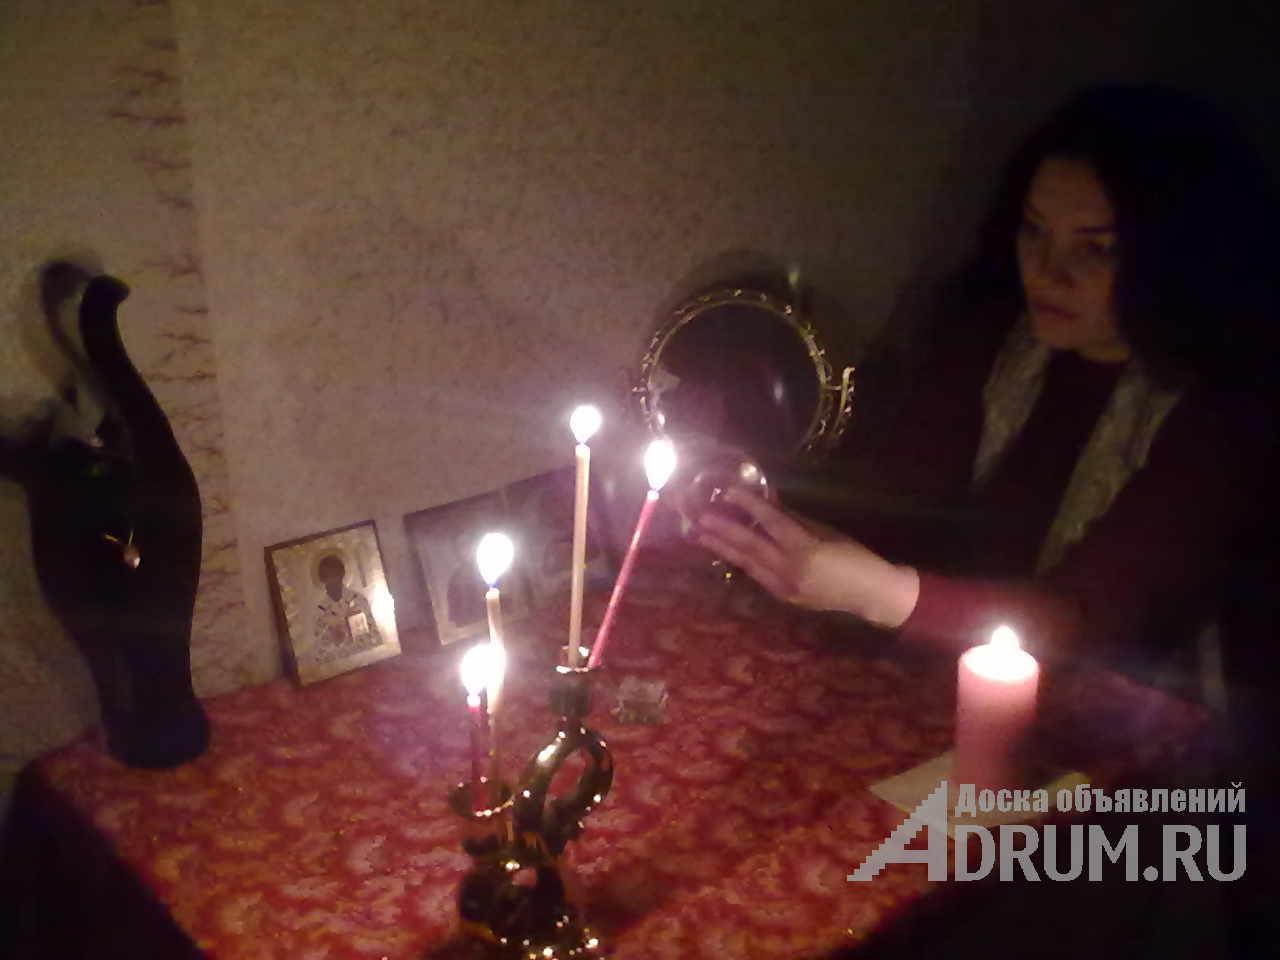 снятие порчи по фотографии двумя зеркалами драконом занятие столь